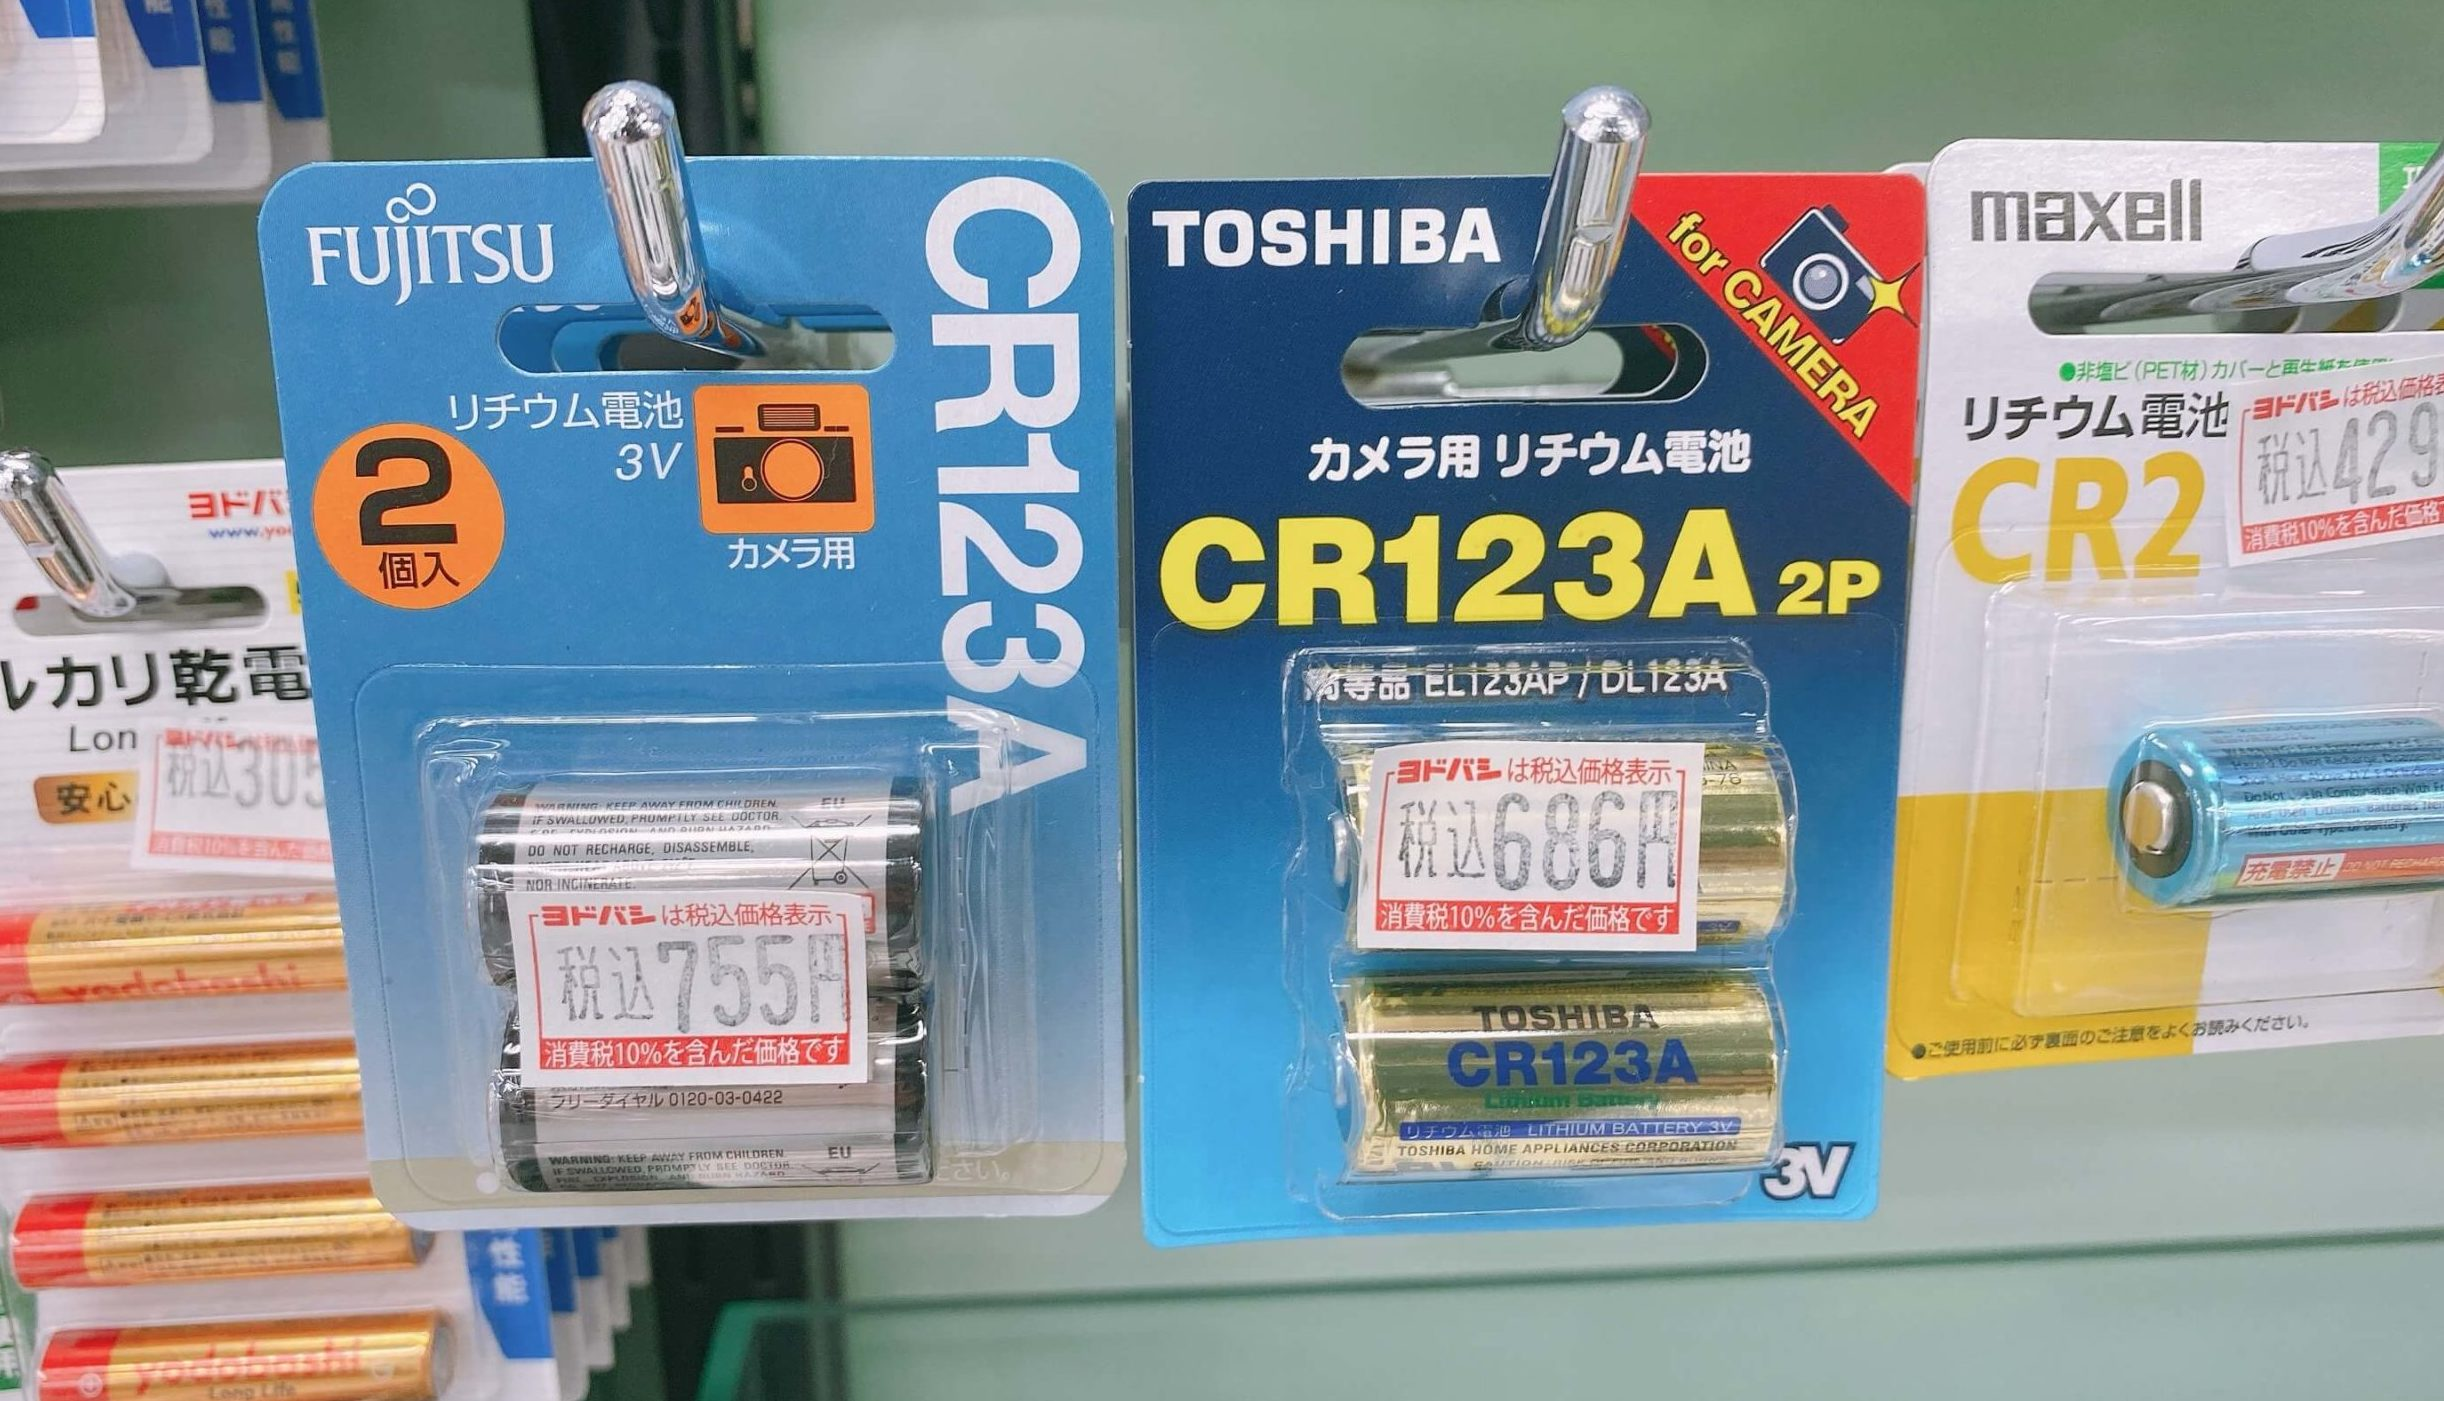 ビックカメラとヨドバシのCR123A